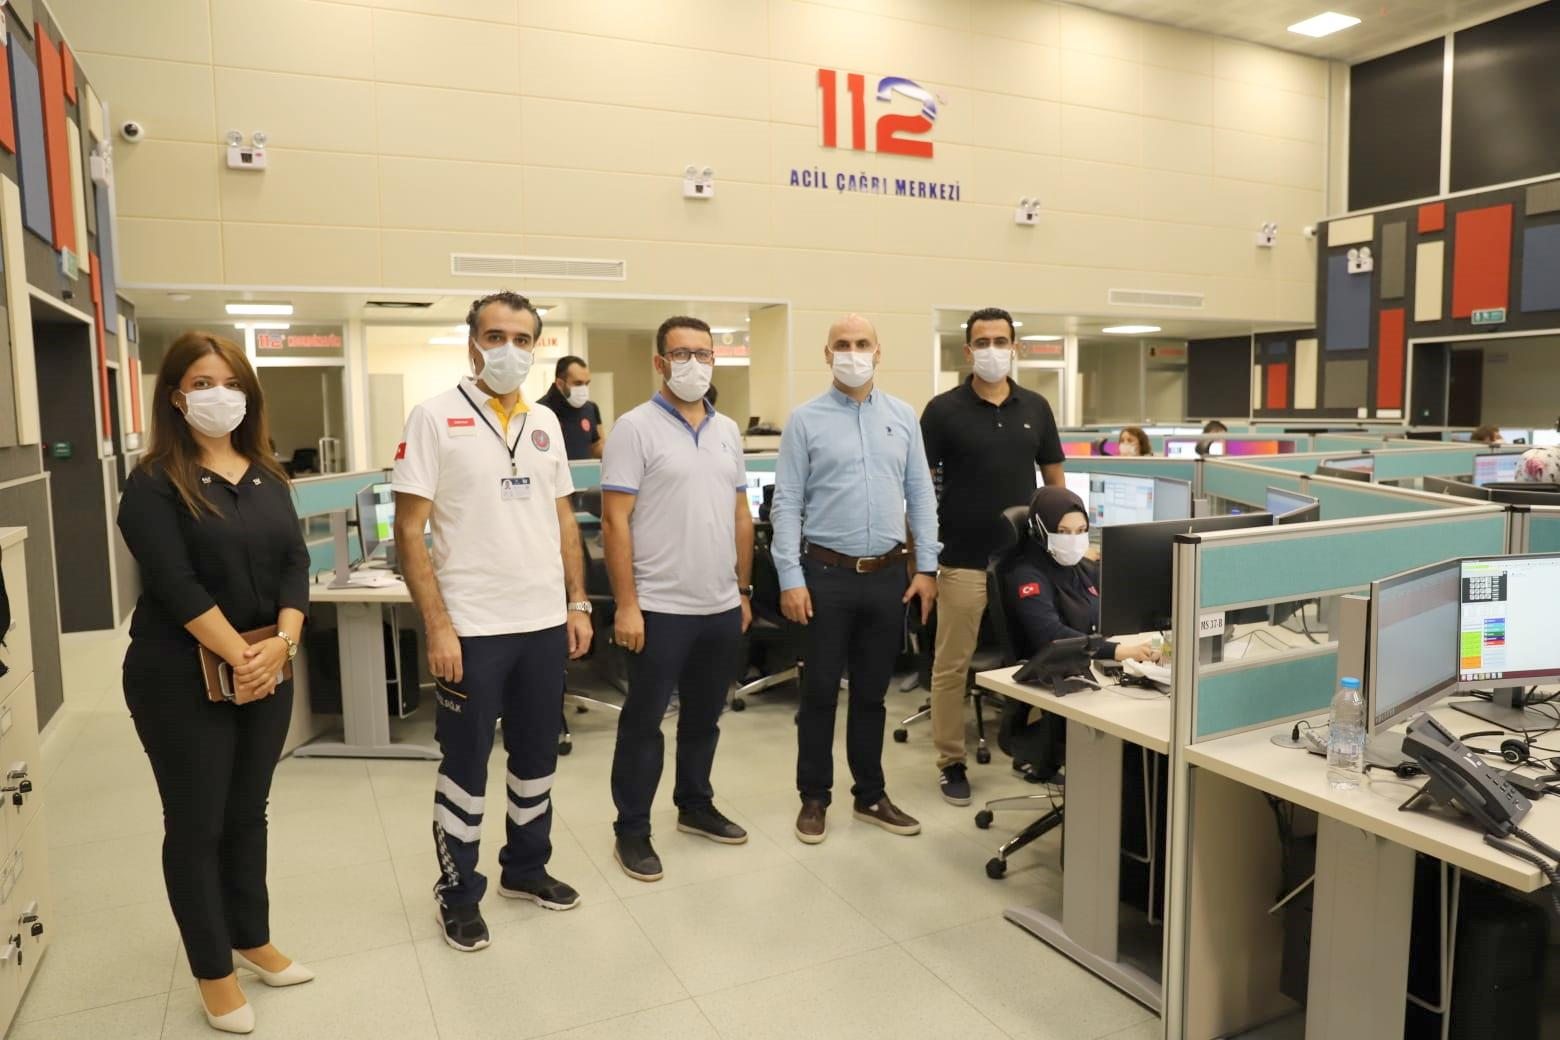 Ordu 112 Yeni Nesil Acil Çağrı Merkezinin Açılışı Yapıldı